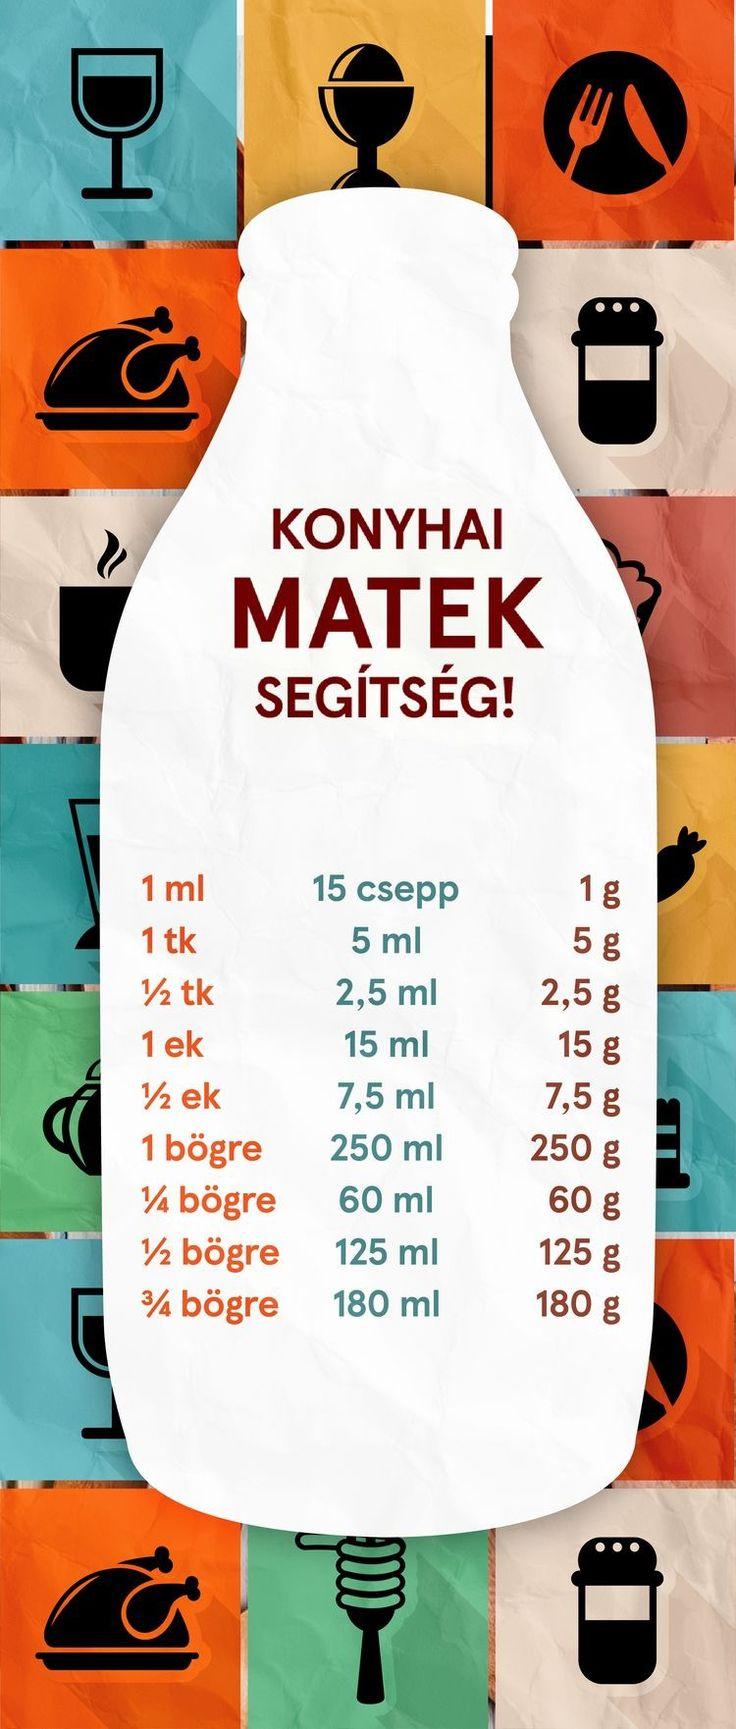 Konyhai mértékek